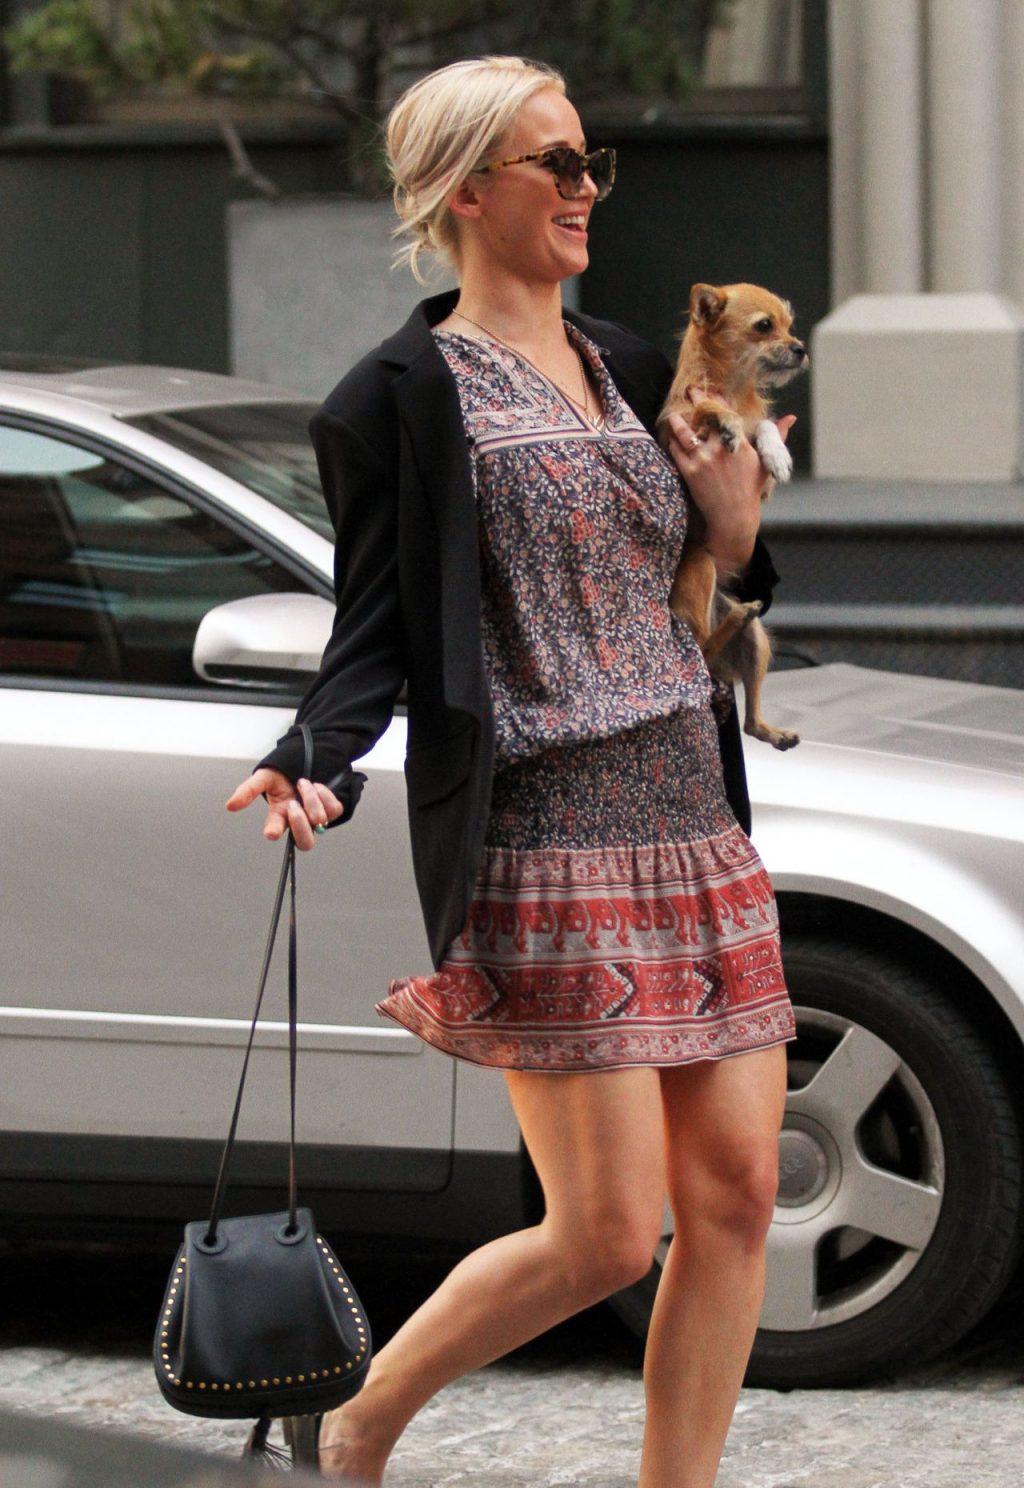 Jennifer chọn một chiếc váy hoa nhí, áo blazer và kính râm để dạo phố cùng chú cún cưng Pipi